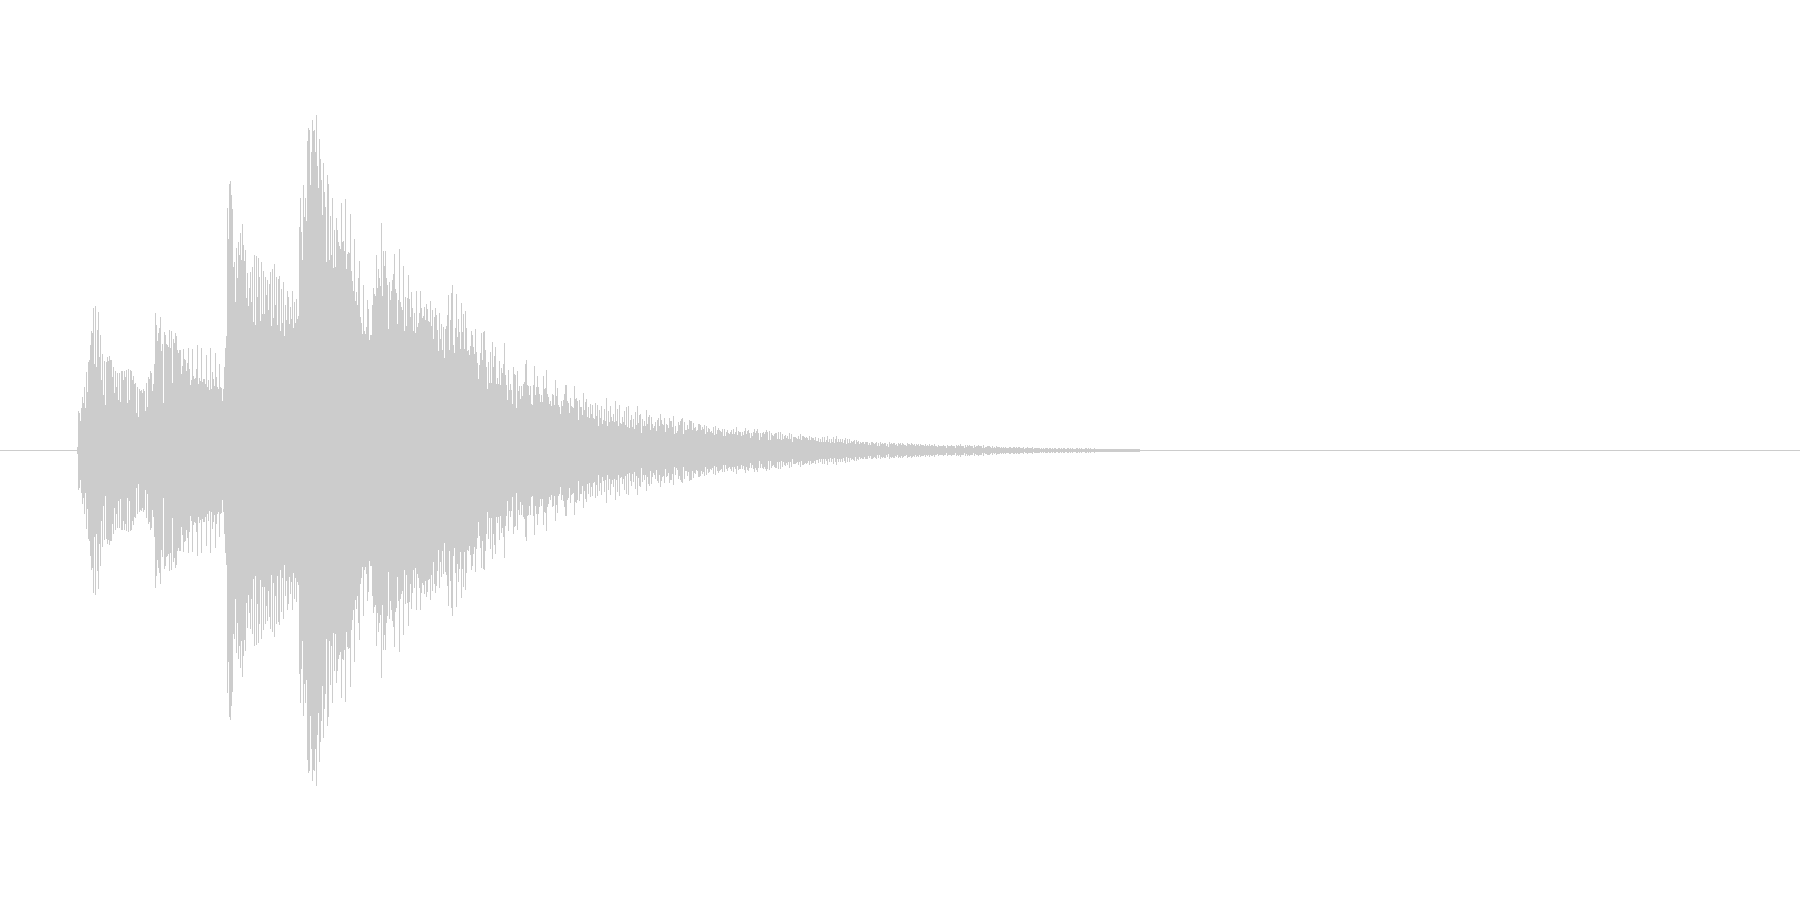 場面転換の効果音(ハープ)の未再生の波形